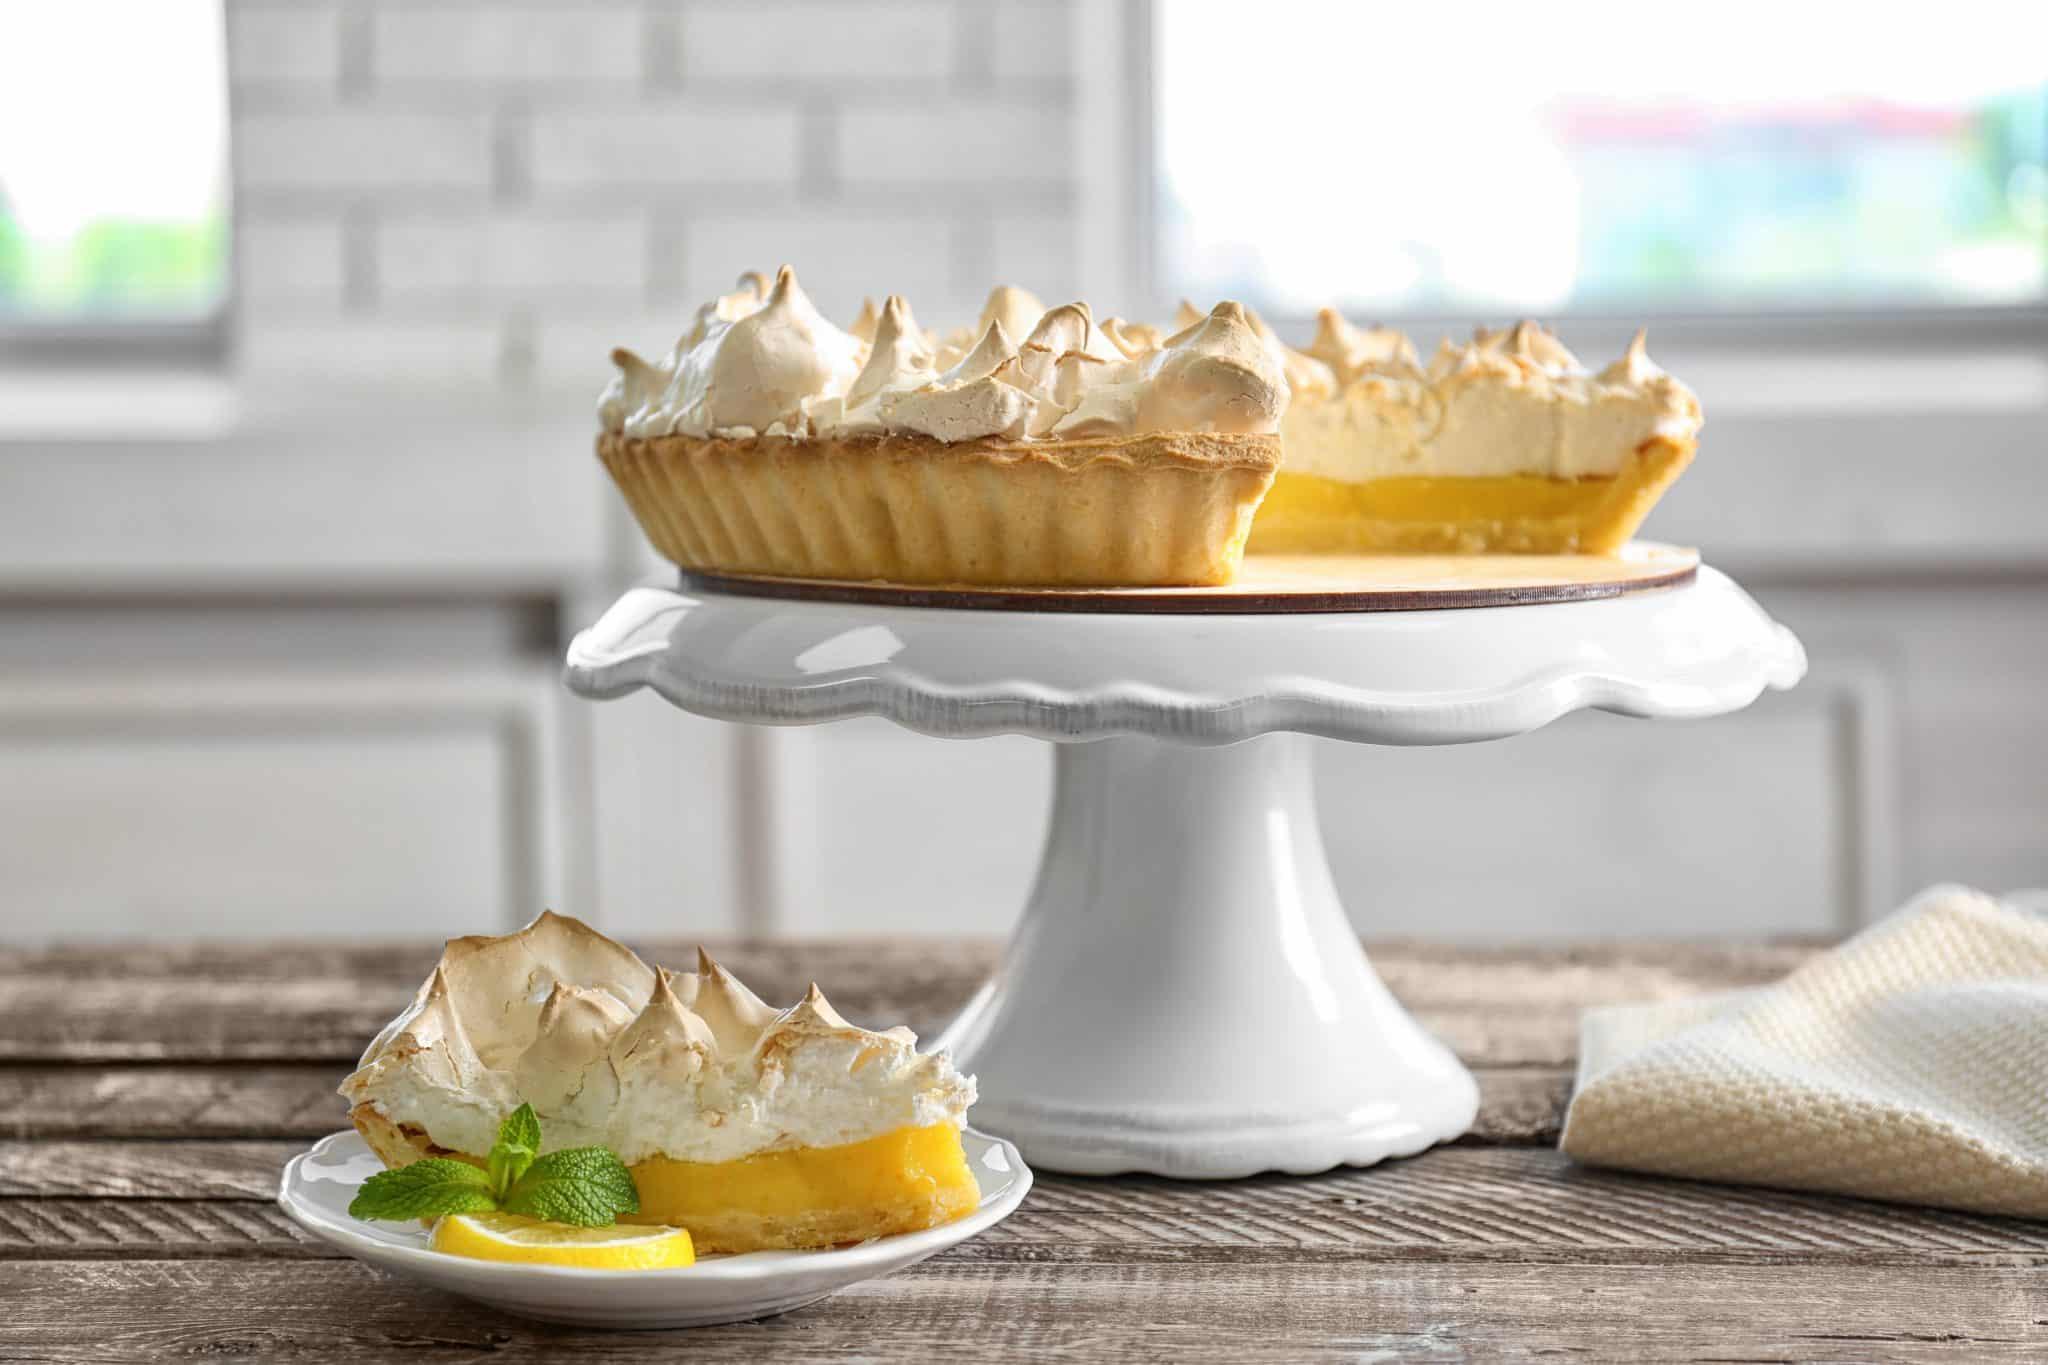 immagine della crostata al limone su biancolievito